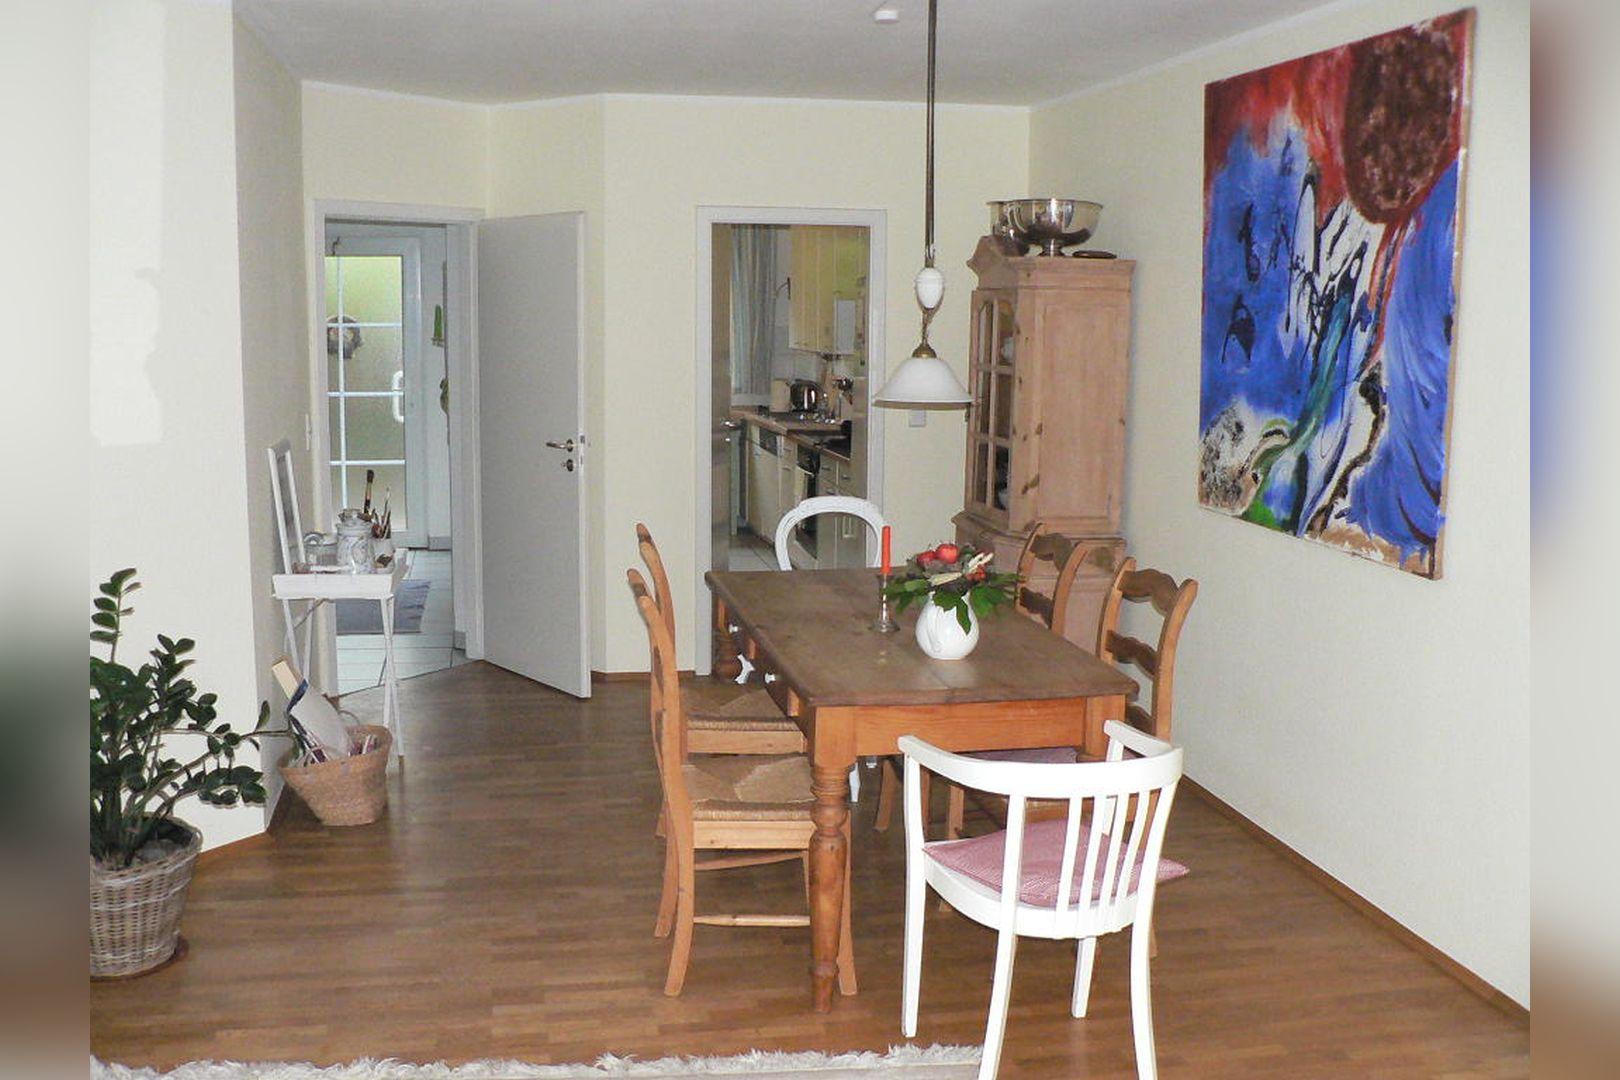 Immobilie Nr.0261 - Reihenmittelhaus mit Garten, Garage u. Stellpl. - Bild 4.jpg